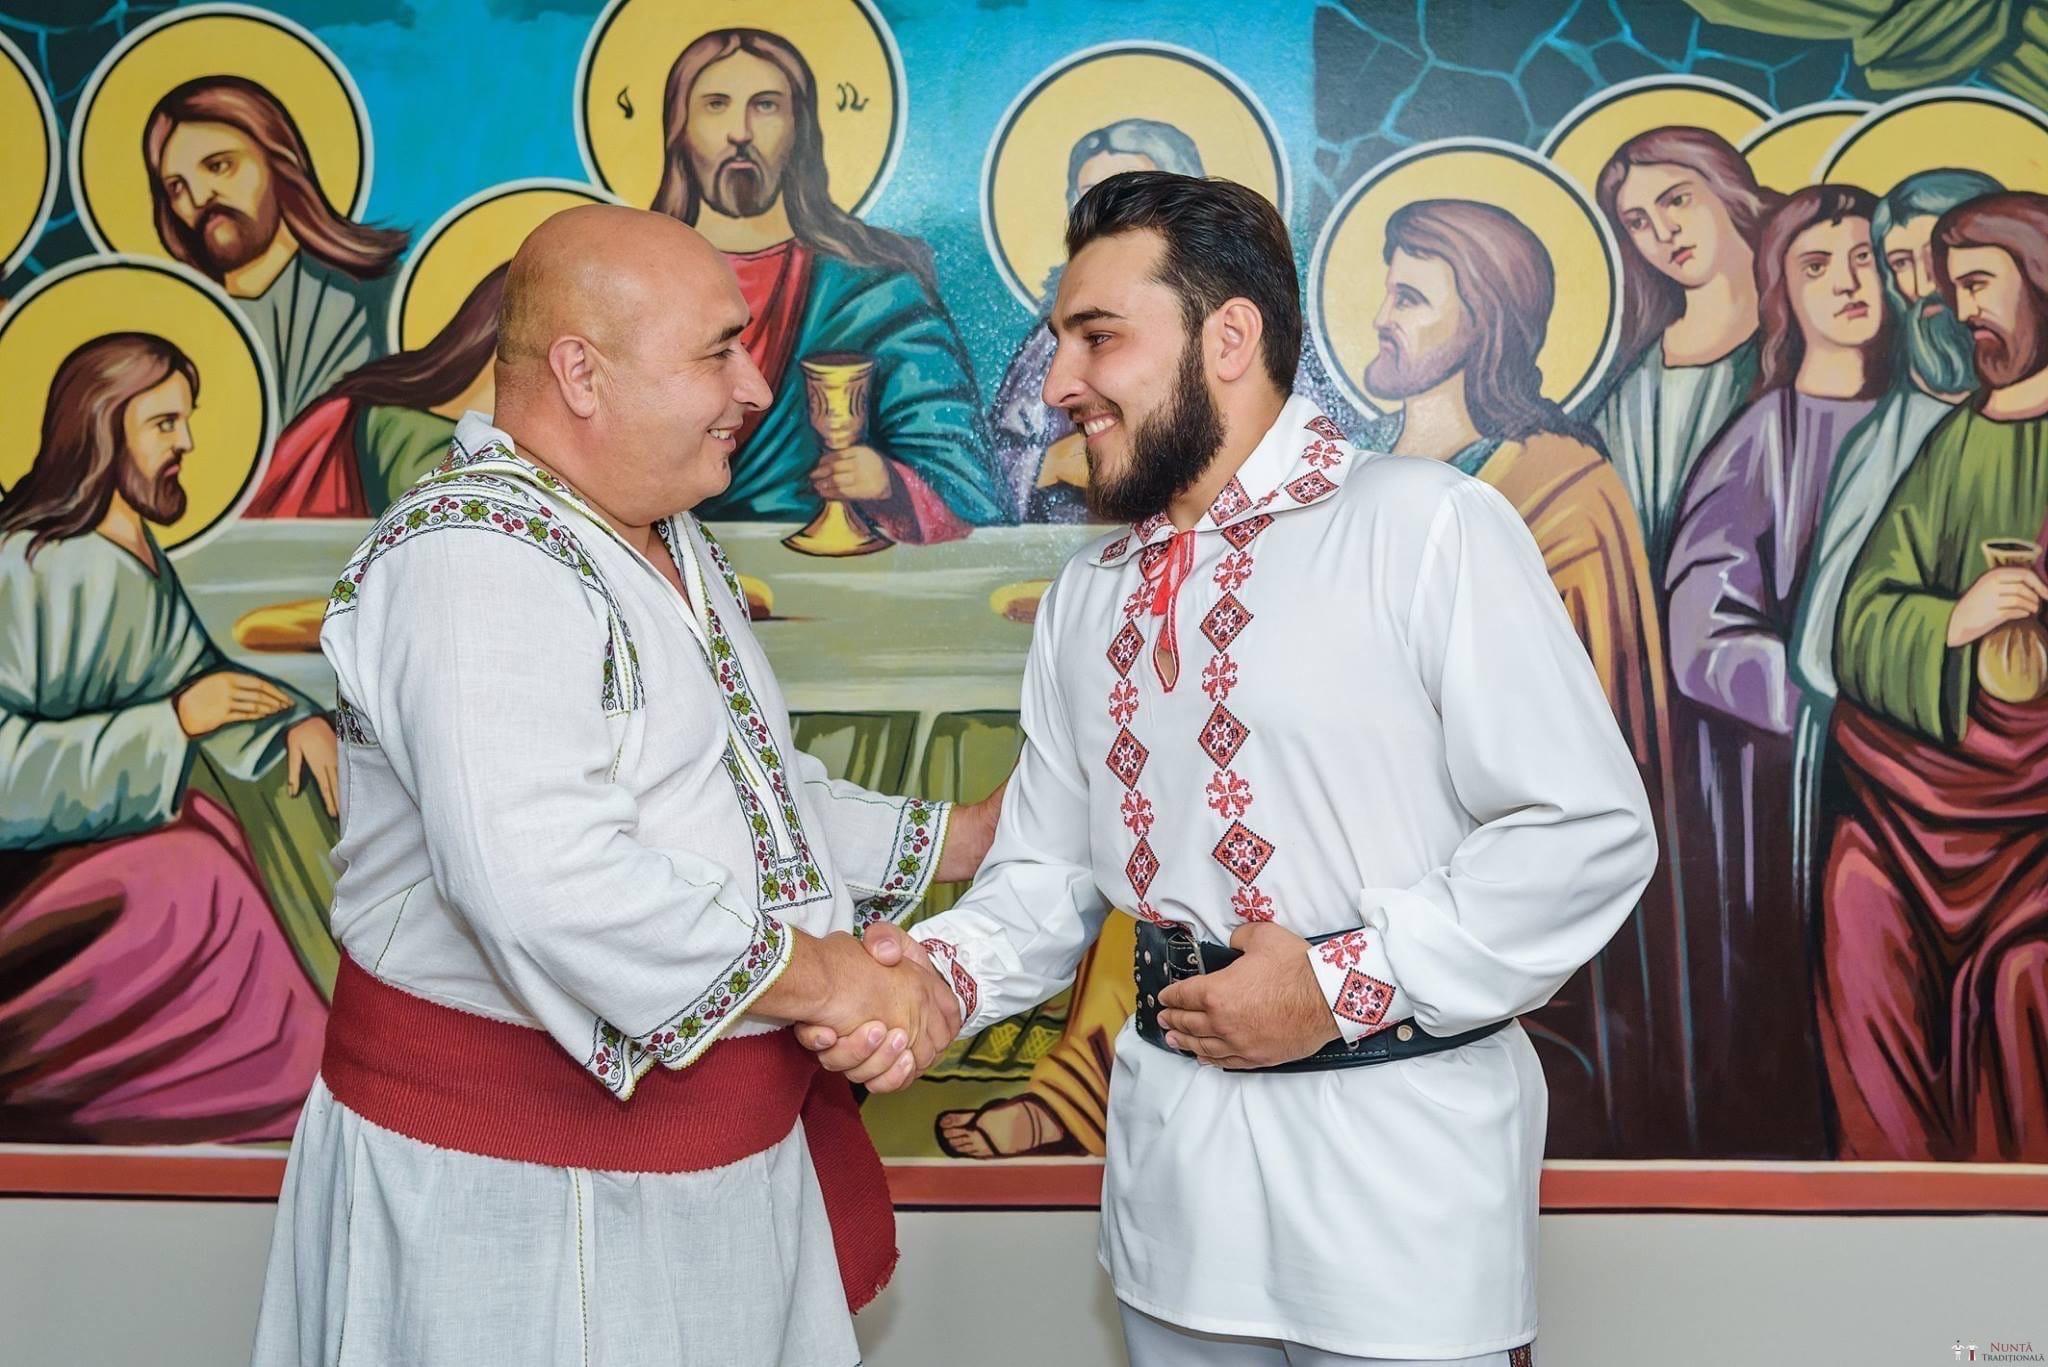 Povești Nunți Tradiționale - Daniela și Cristian, nuntă tradițională în Slobozia, Giurgiu 44